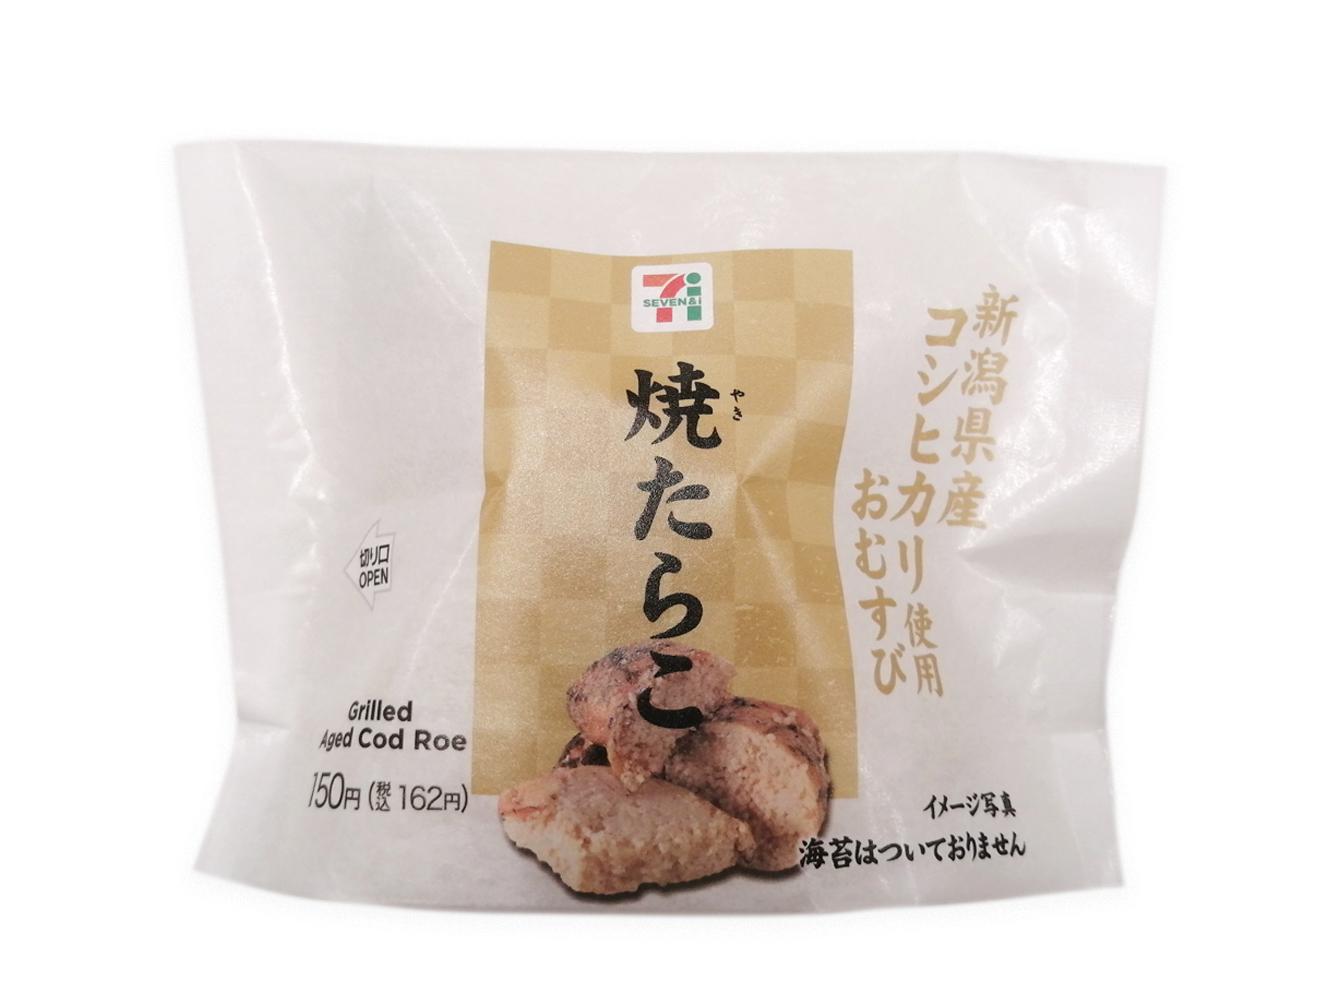 新潟県産コシヒカリおむすび 熟成焼たらこ